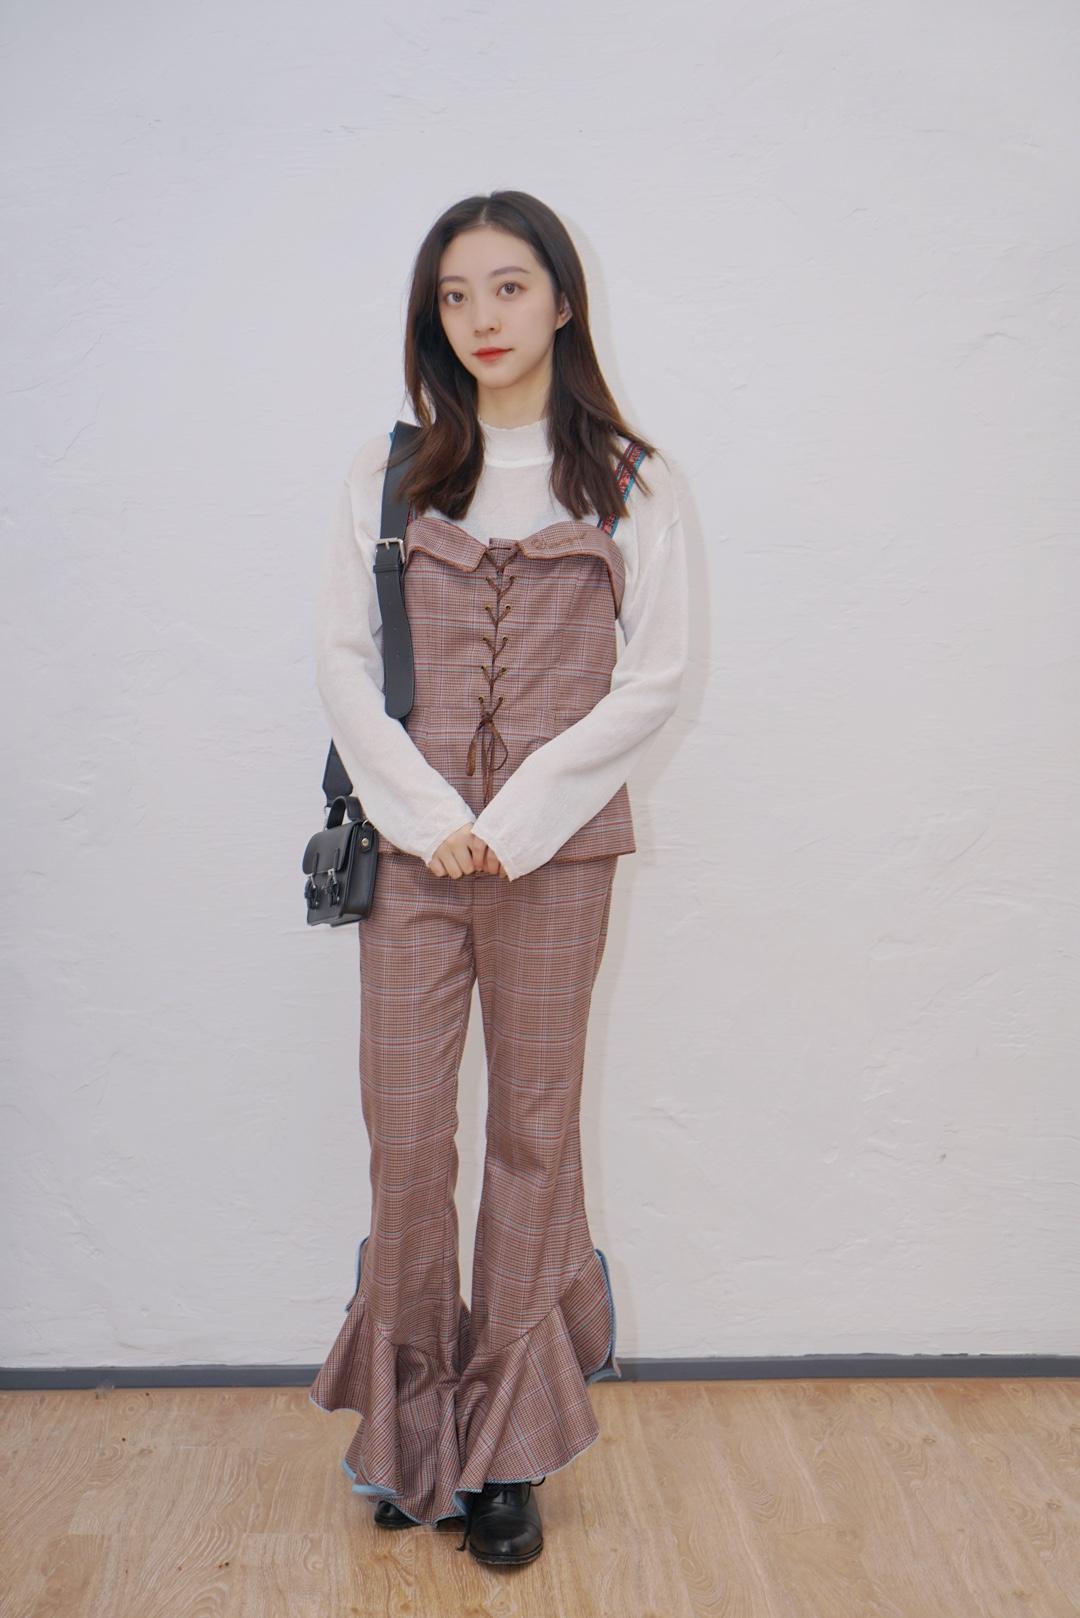 #出街battle才知道型不型# 🐇上衣吊带:SAKKAS 🐇裤子:SAKKAS 🐇包包:Yamaguchi Mioko 🐇内搭:Gogoing  这一身套装可以说是穿起来非常显气质的了!!! 衣服元素是棕红色小格子,还有蓝色线条在其中作为搭配,上衣背心胸前有带子可以系,非常修身,背心带子是刺绣的,很有设计感啦~ 下半身的裤子是阔腿裤裤型,裤尾是鱼尾设计,显瘦一流!!! 搭配小高跟,出门一定吸睛~